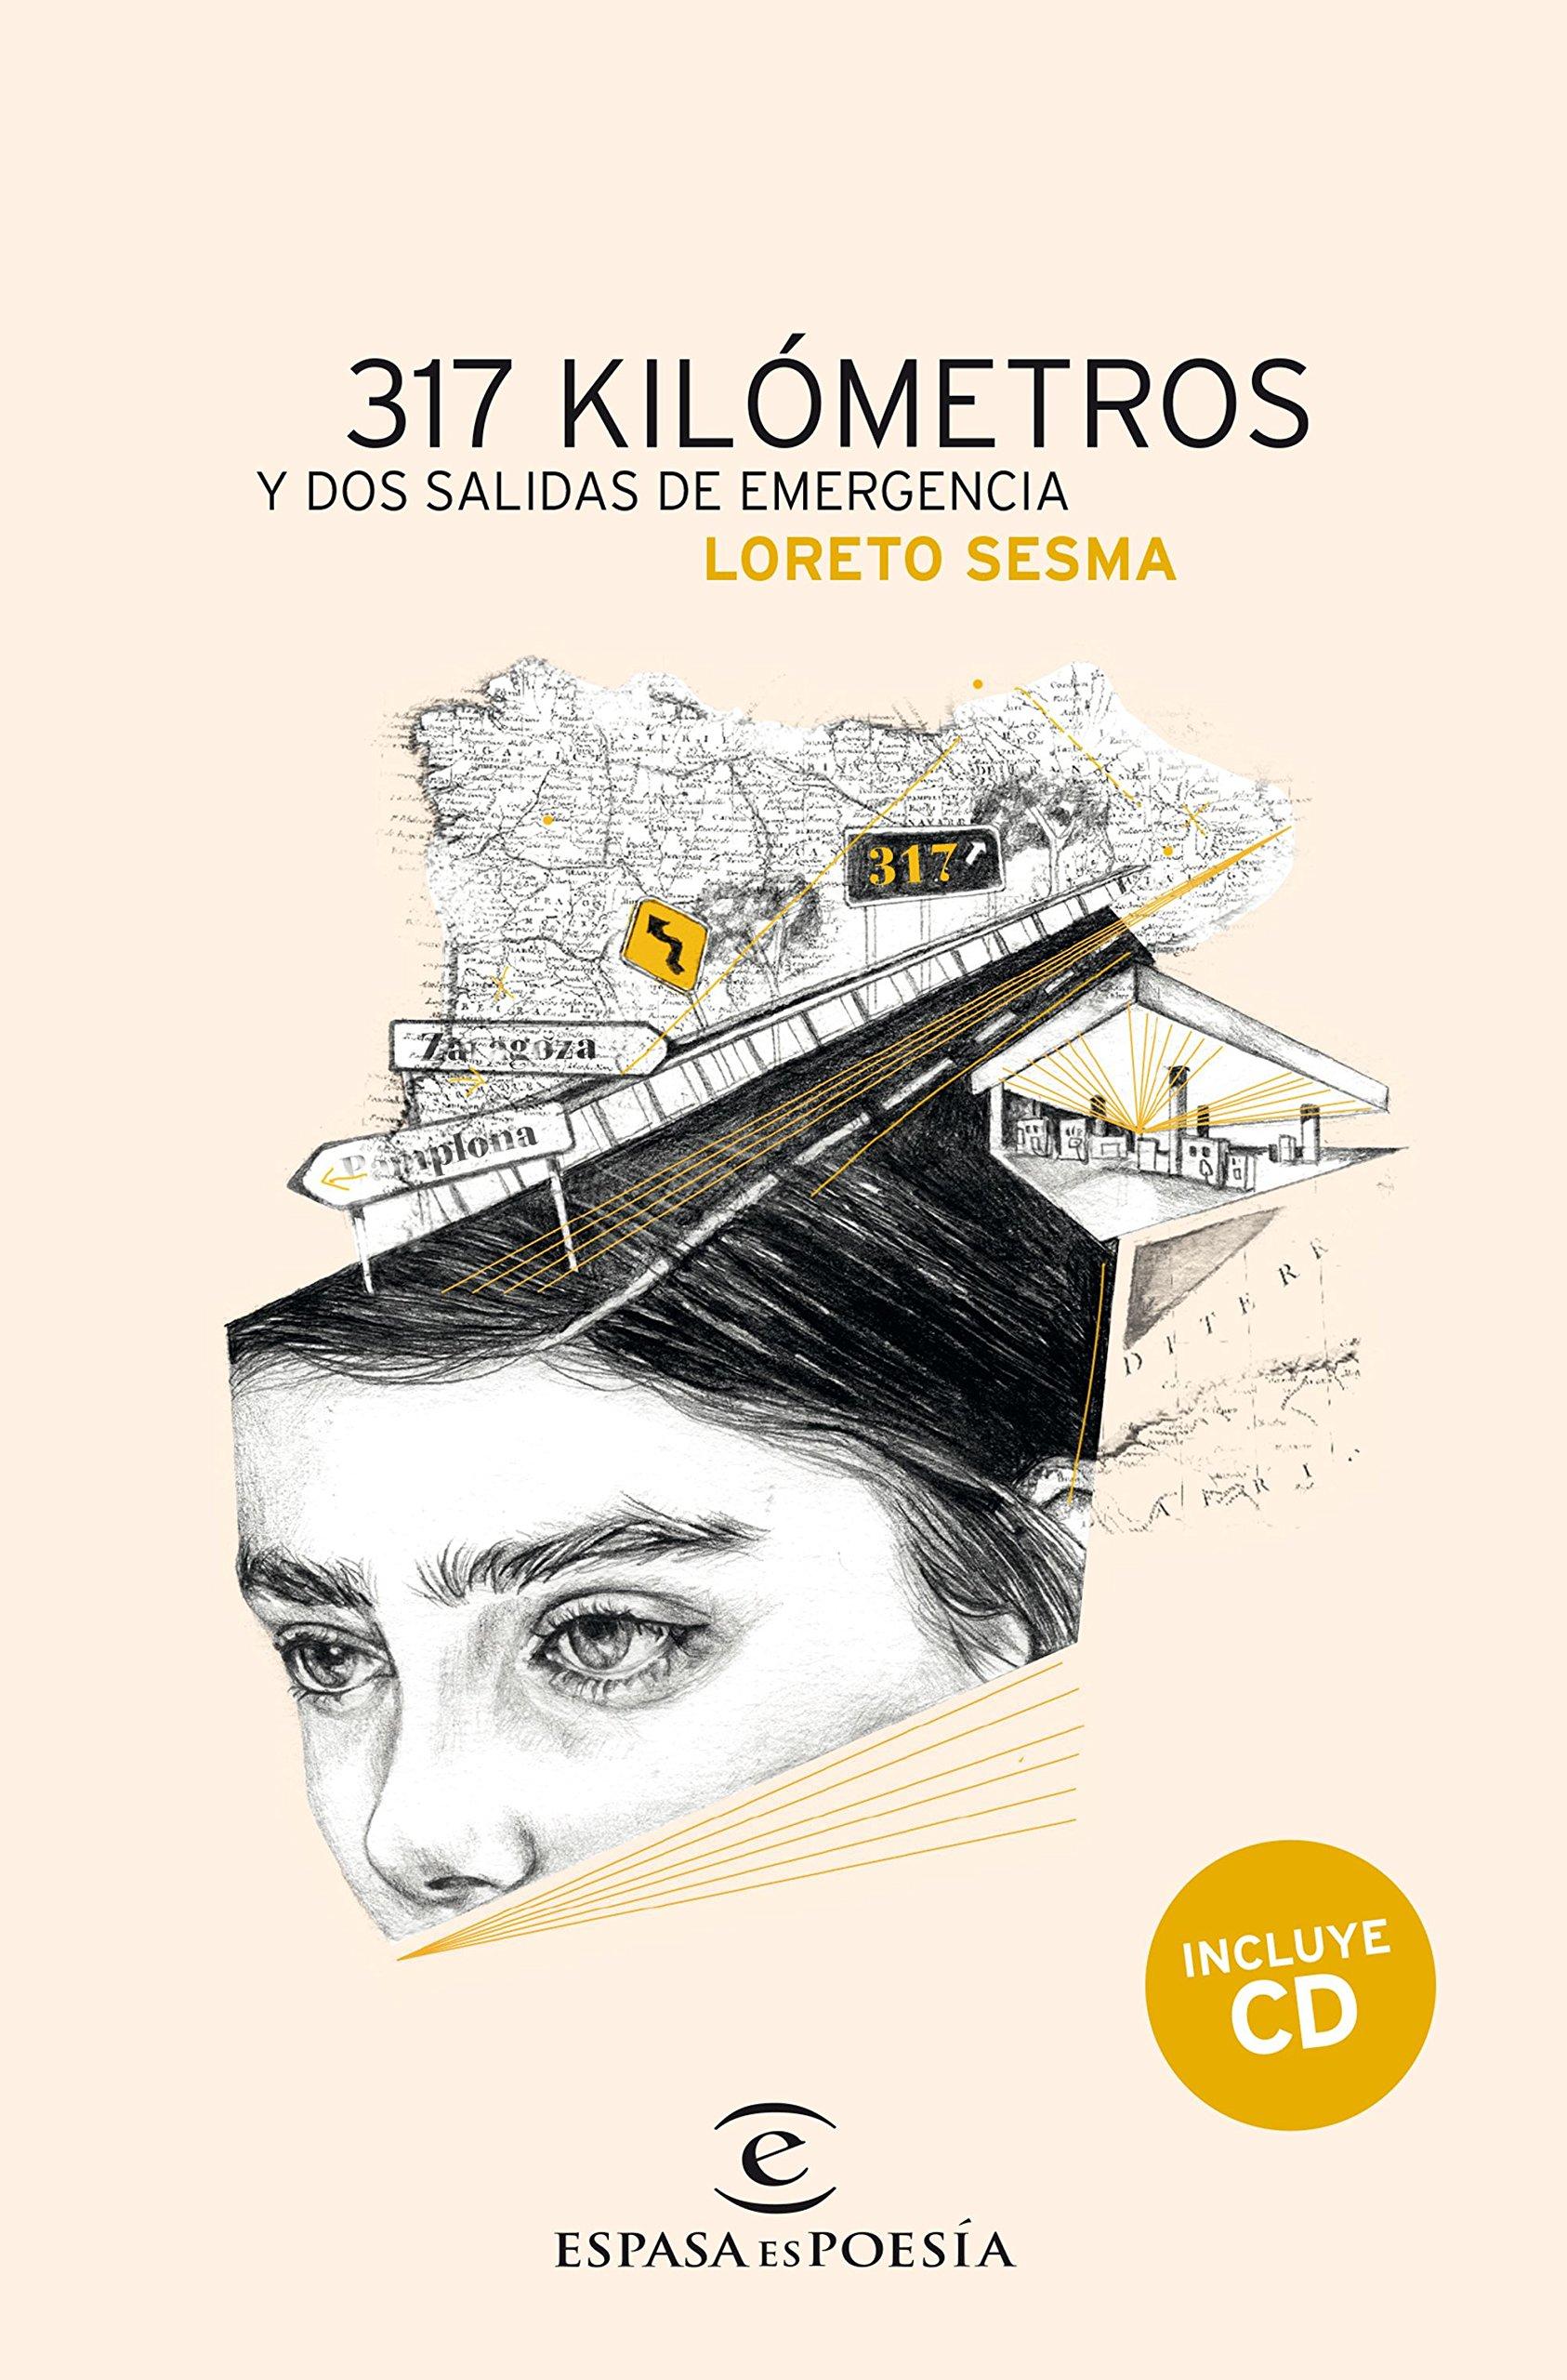 317 kilómetros y dos salidas de emergencia ESPASA NARRATIVA: Amazon.es: Loreto Sesma Gotor: Libros